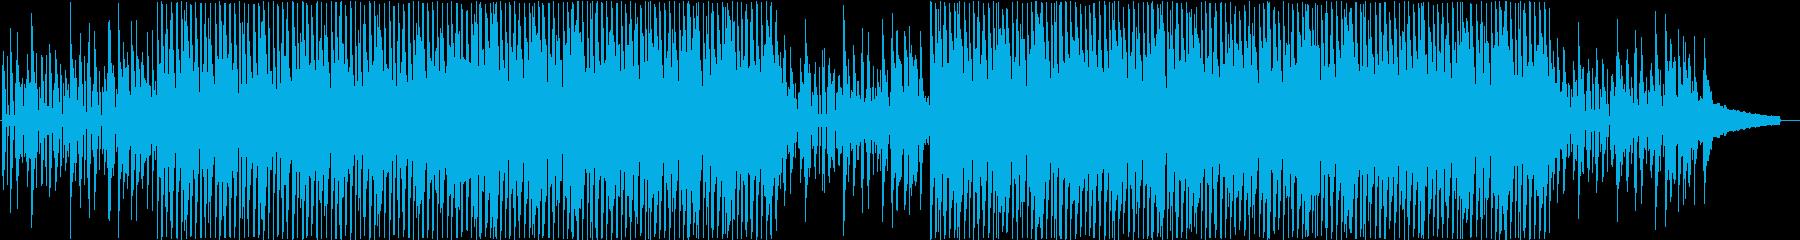 流行りのポップでハッピーなサウンド♪の再生済みの波形